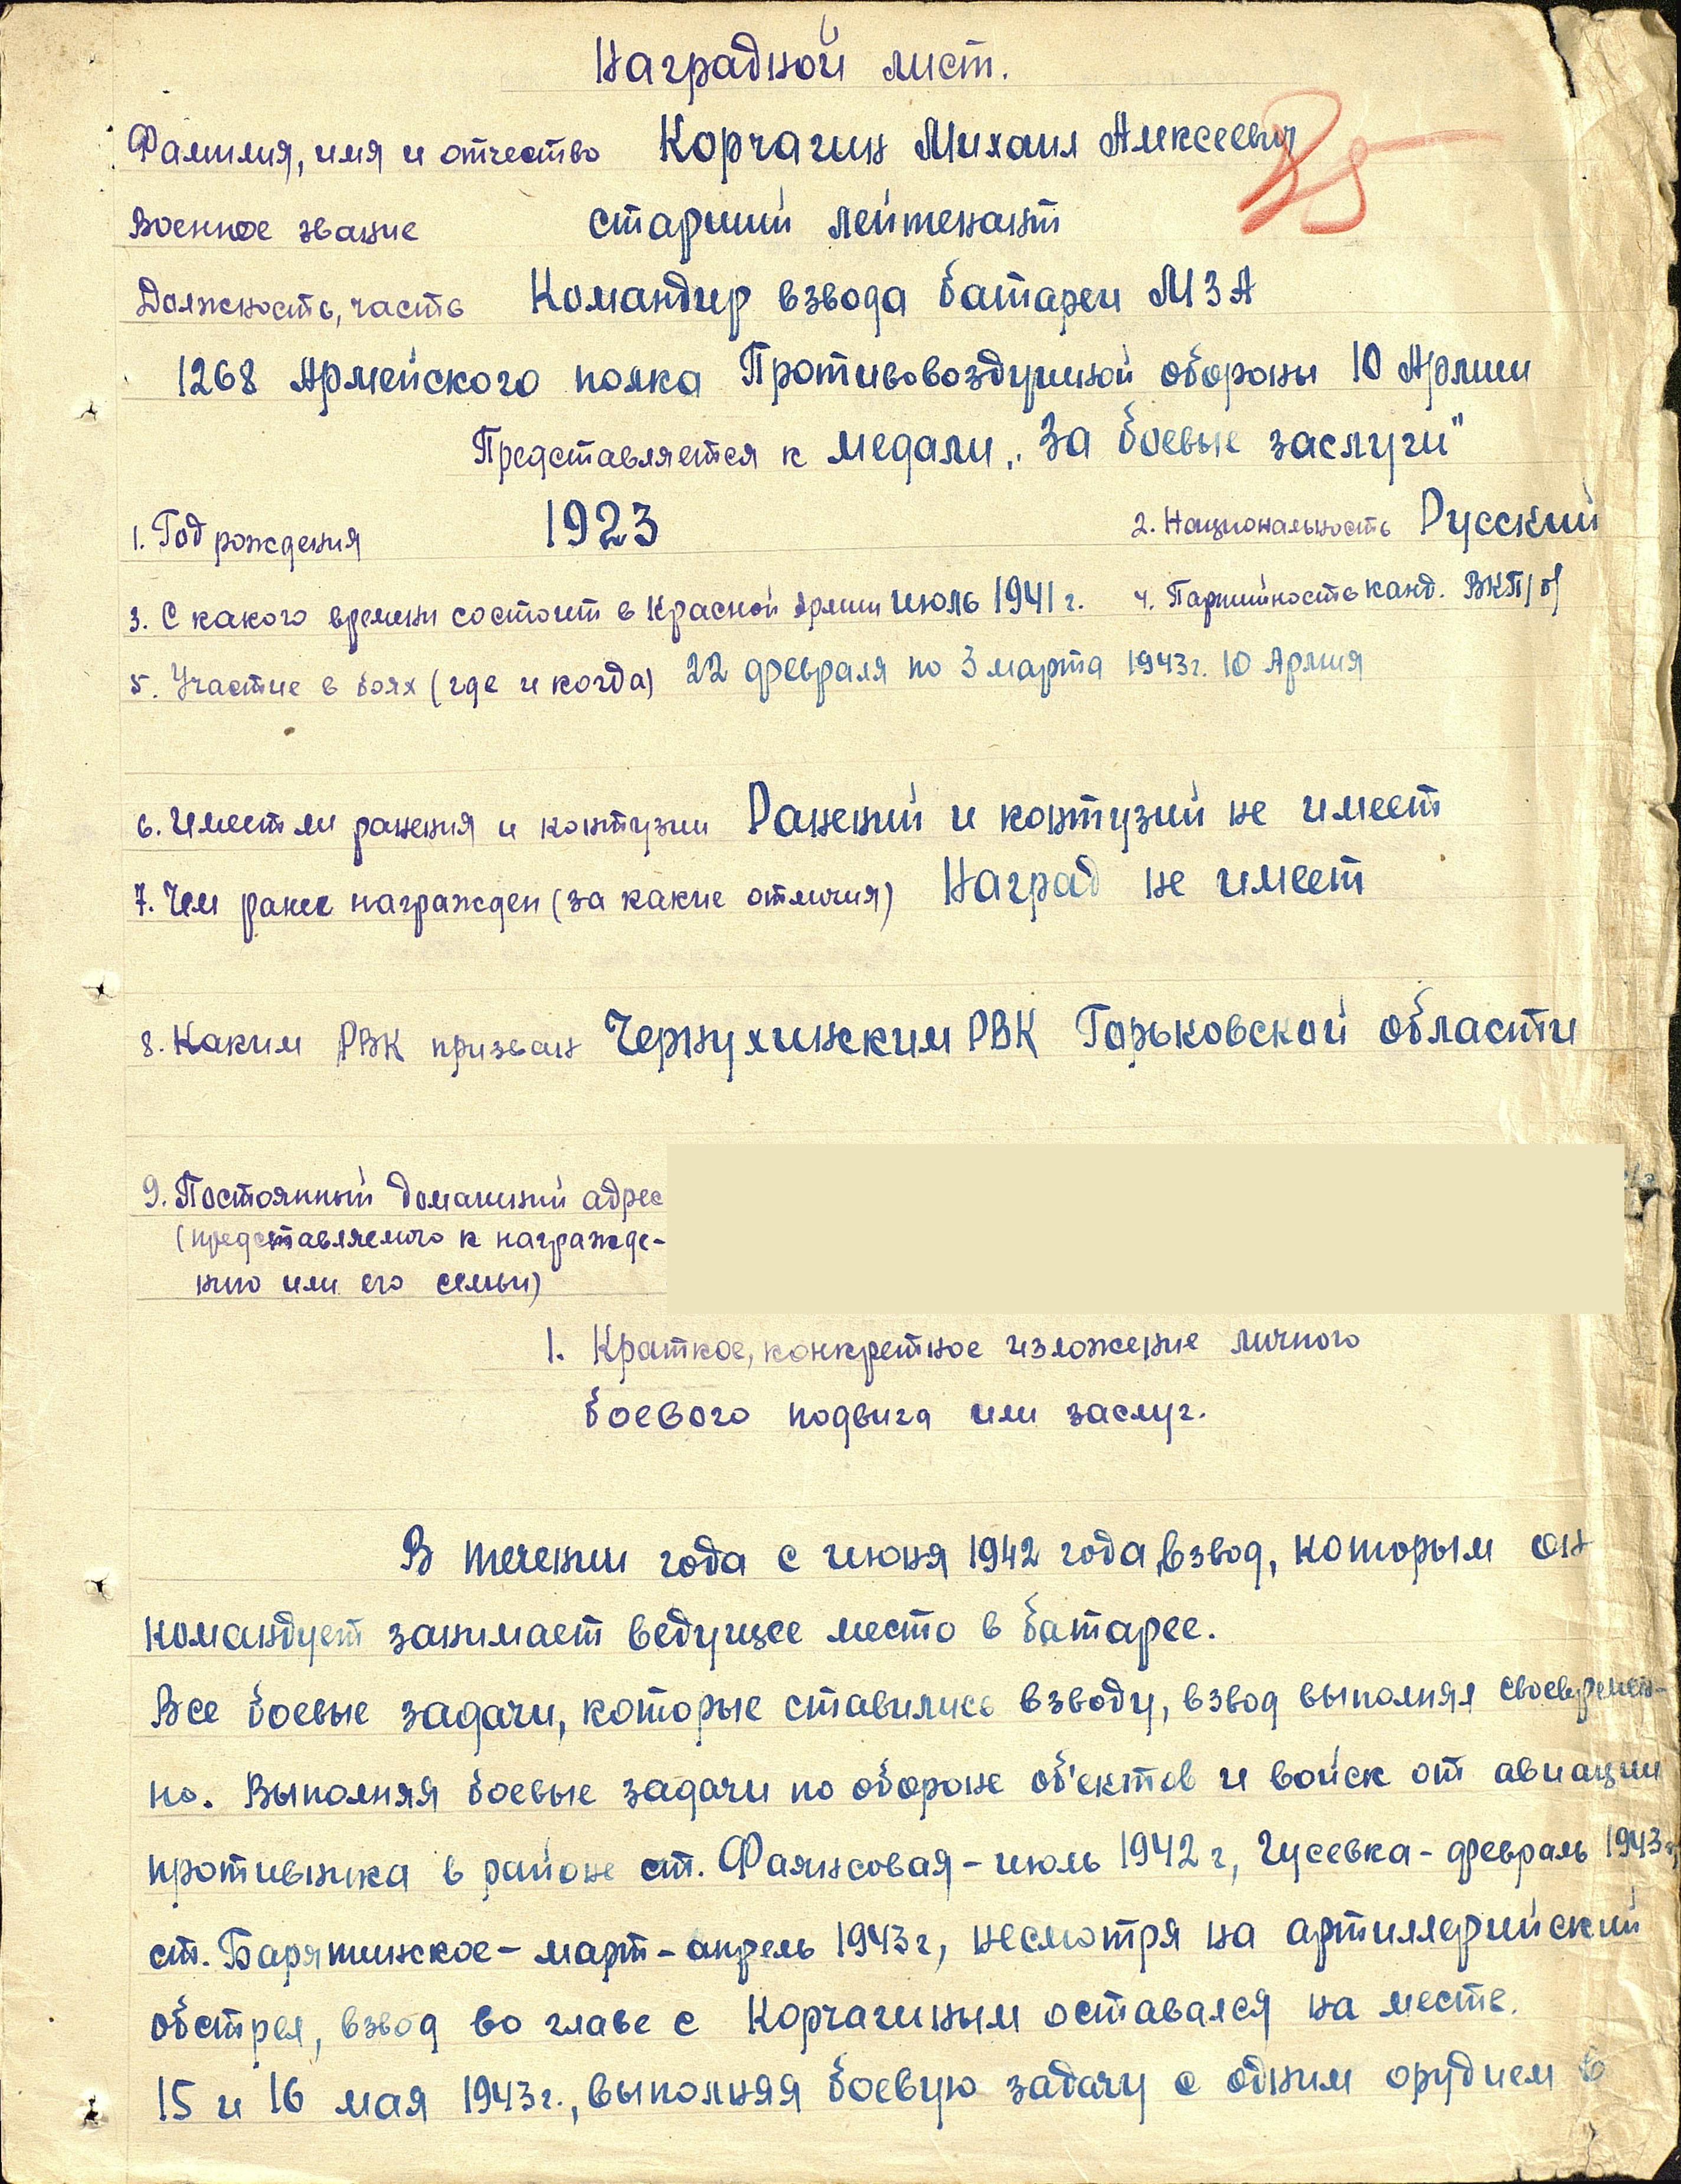 Наградной лист Корчагина Михаила Алексеевича к медали за боевые заслуги